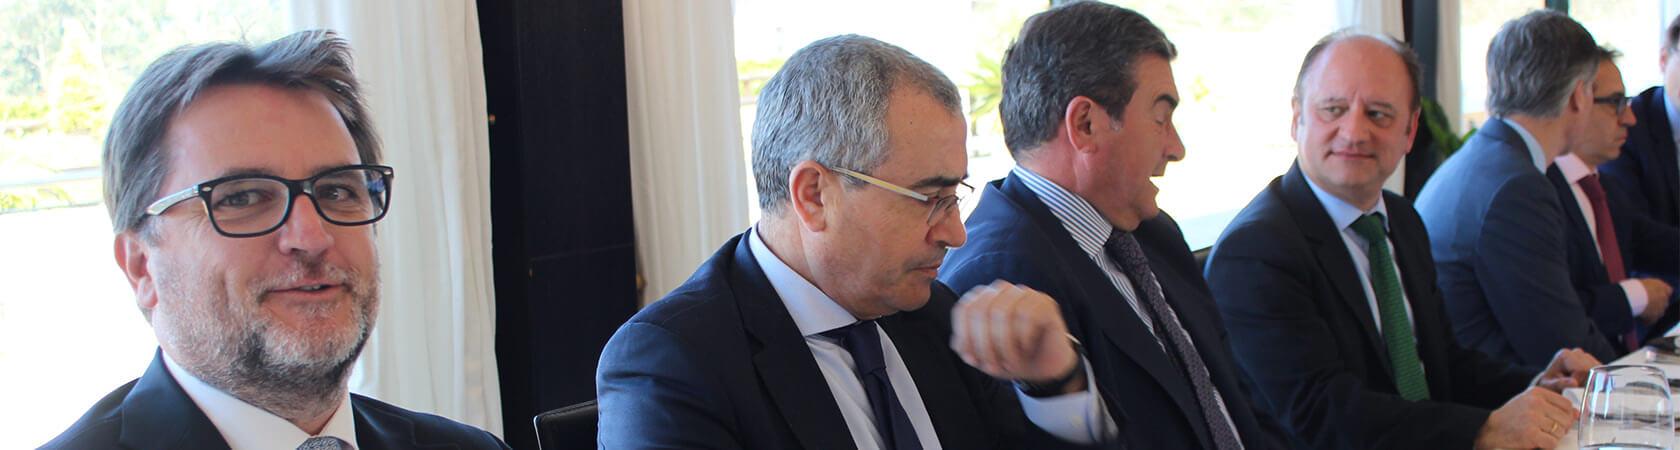 013_2019 3 15 Almuerzo con Pte Xunta y Conselleiro Economía_2